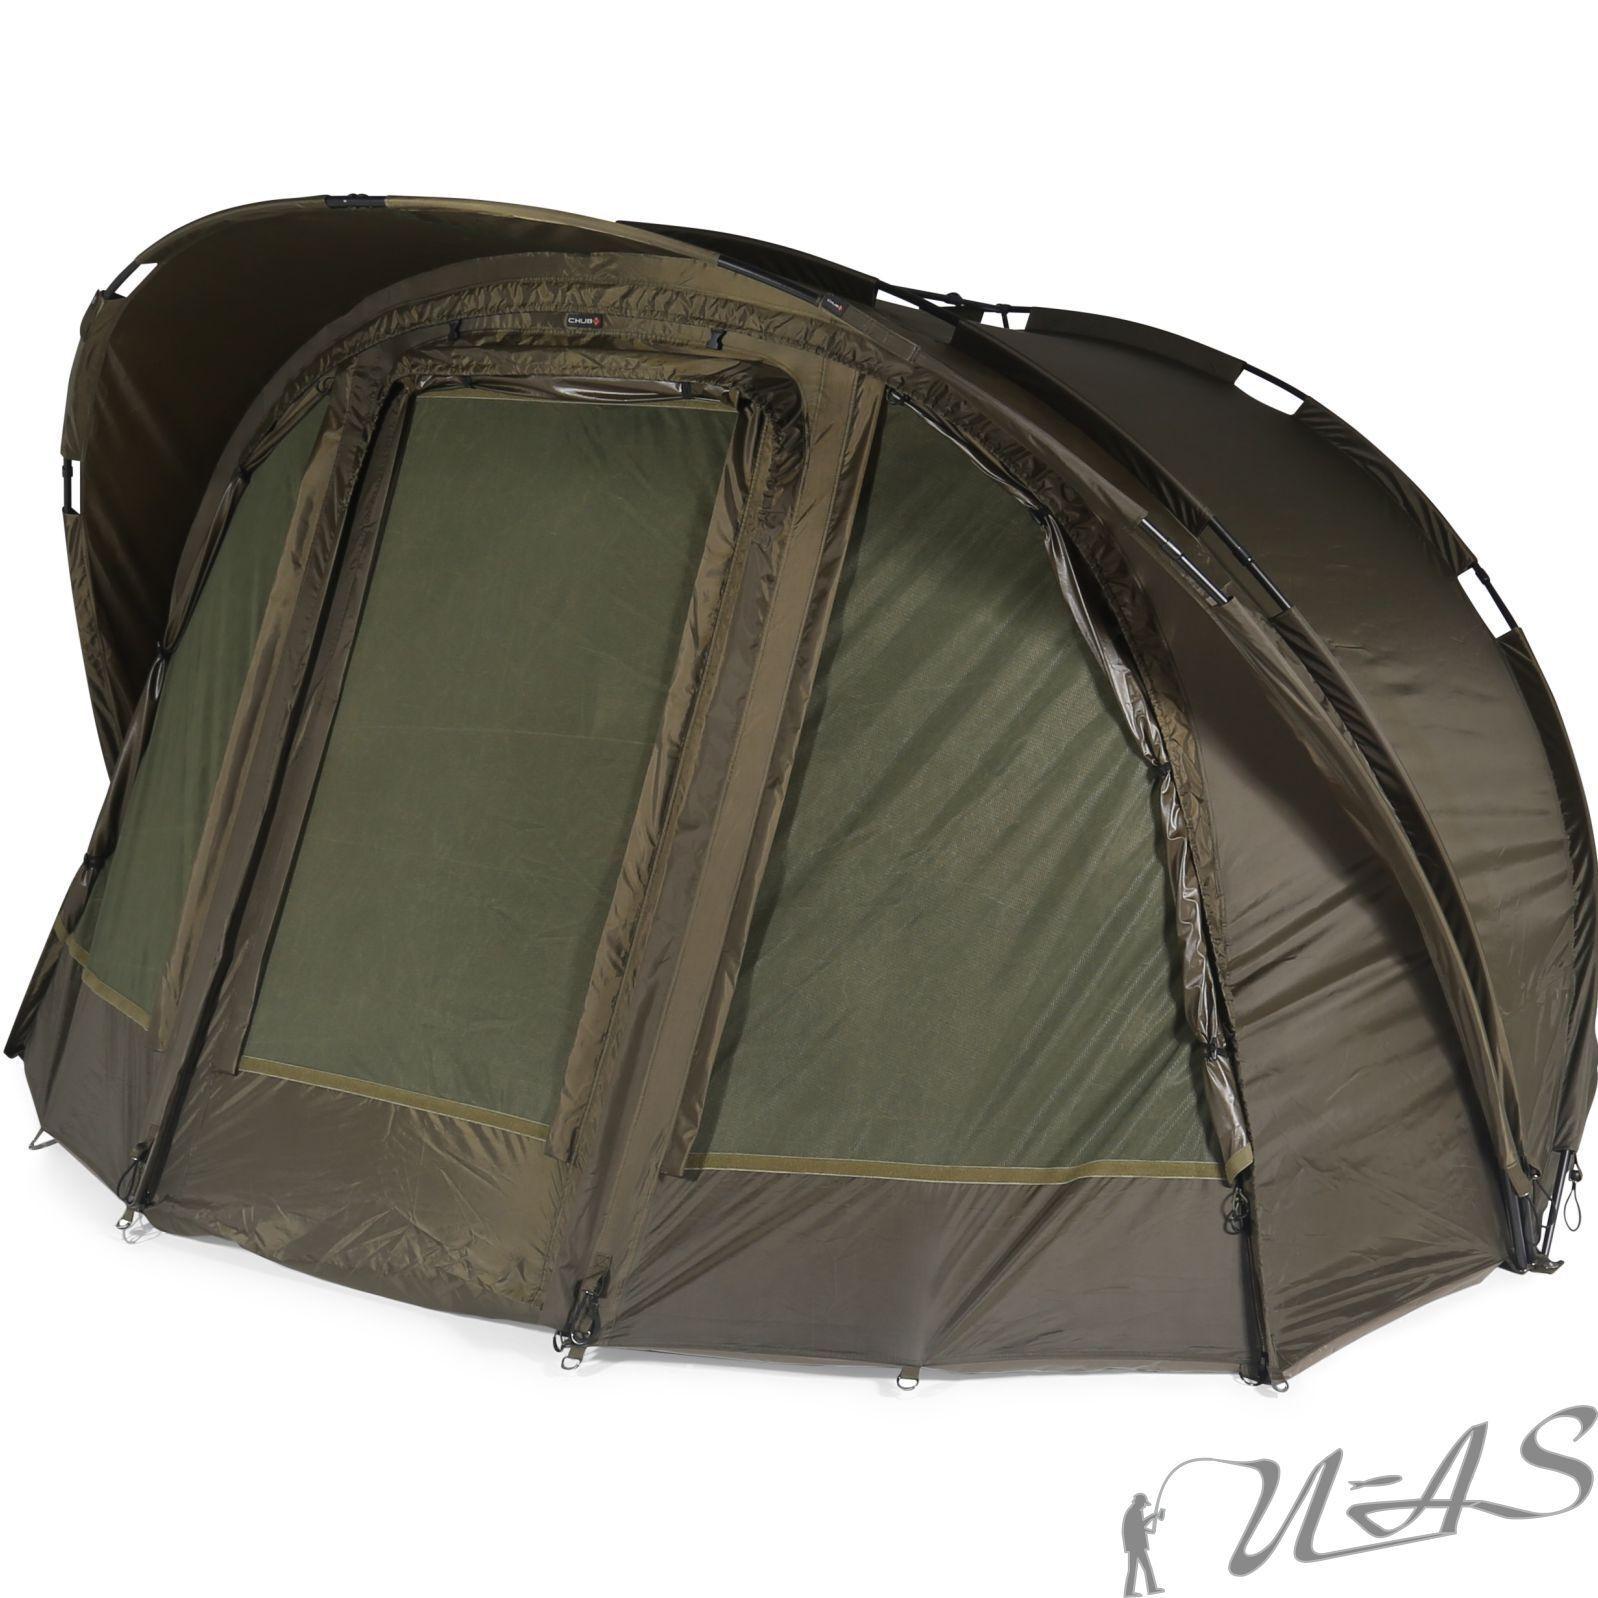 Chub Outkast Bivvy si 2 3,50 x 2,55 x 1,60m autopa Tenda 10.000mm Angel Tenda SHA